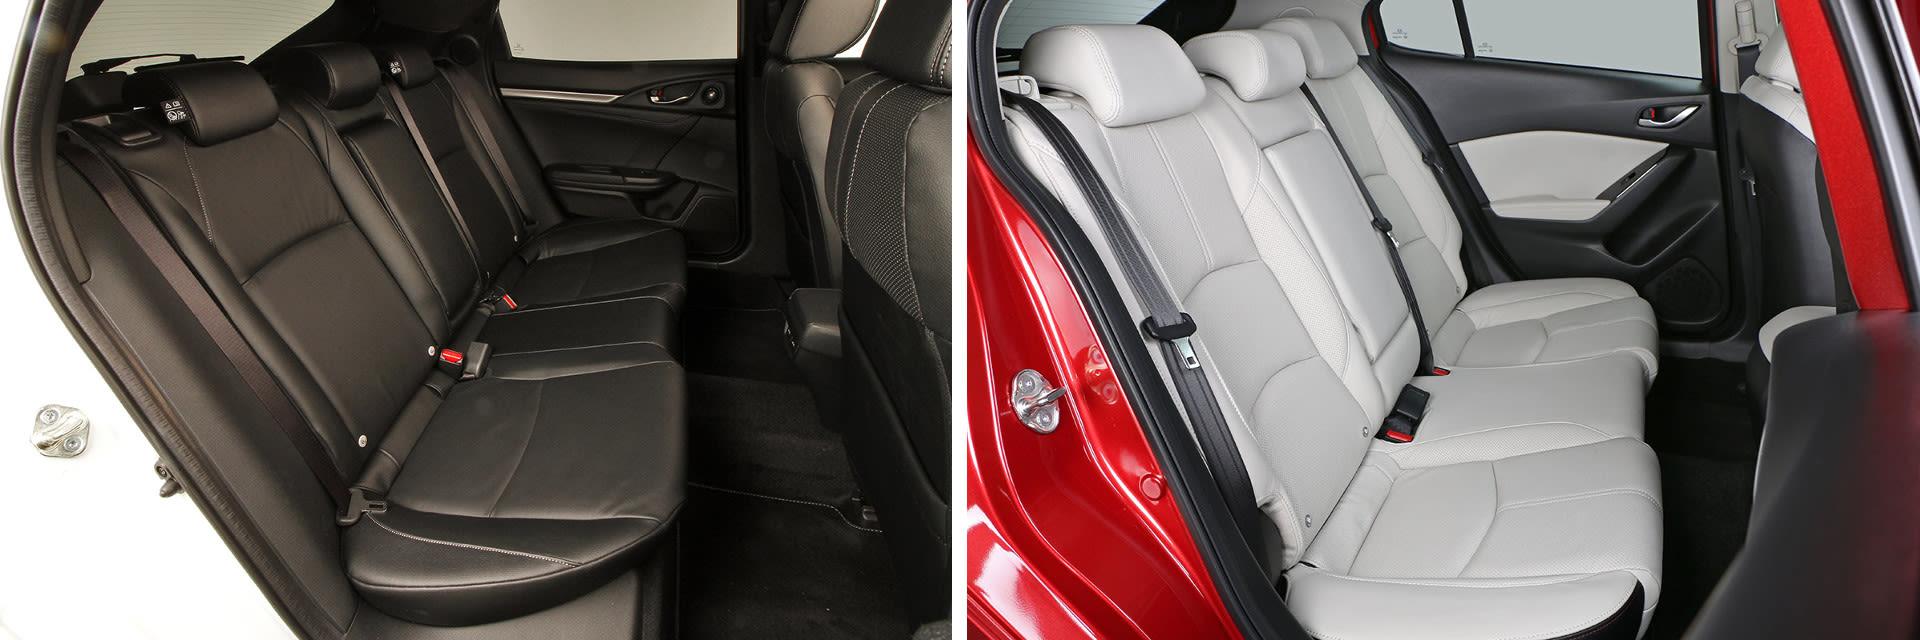 El Civic (izq.) tiene mayor espacio en las plazas posteriores que el Mazda3. Cuenta con 4 cm más de anchura y 5 cm más de espacio para las piernas.